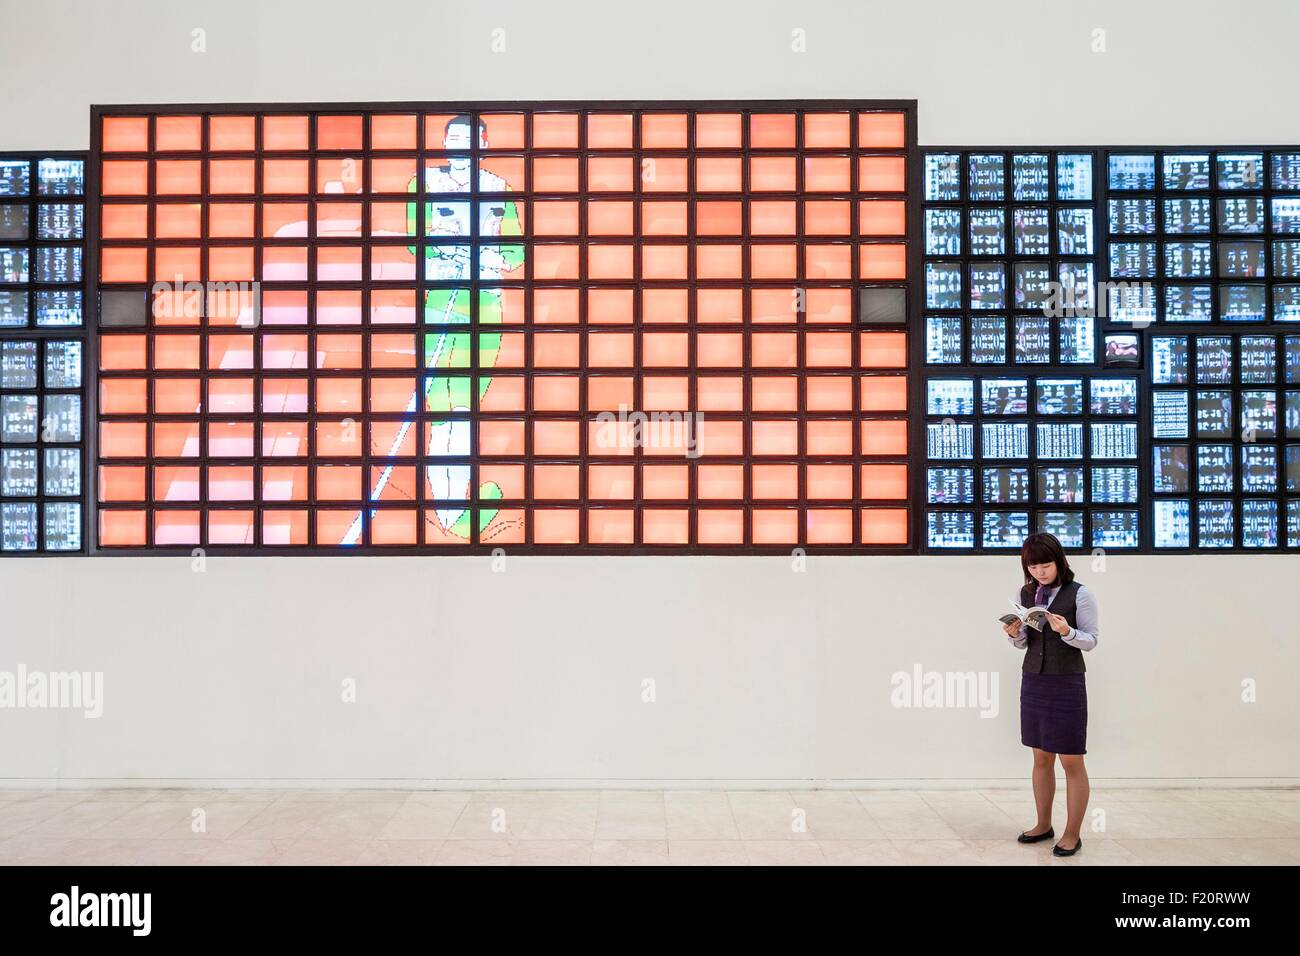 Corée du Sud, Séoul, Jung-gu, Seoul, Musée d'art (SEMA), l'art museum a ouvert ses portes en 1998 Banque D'Images